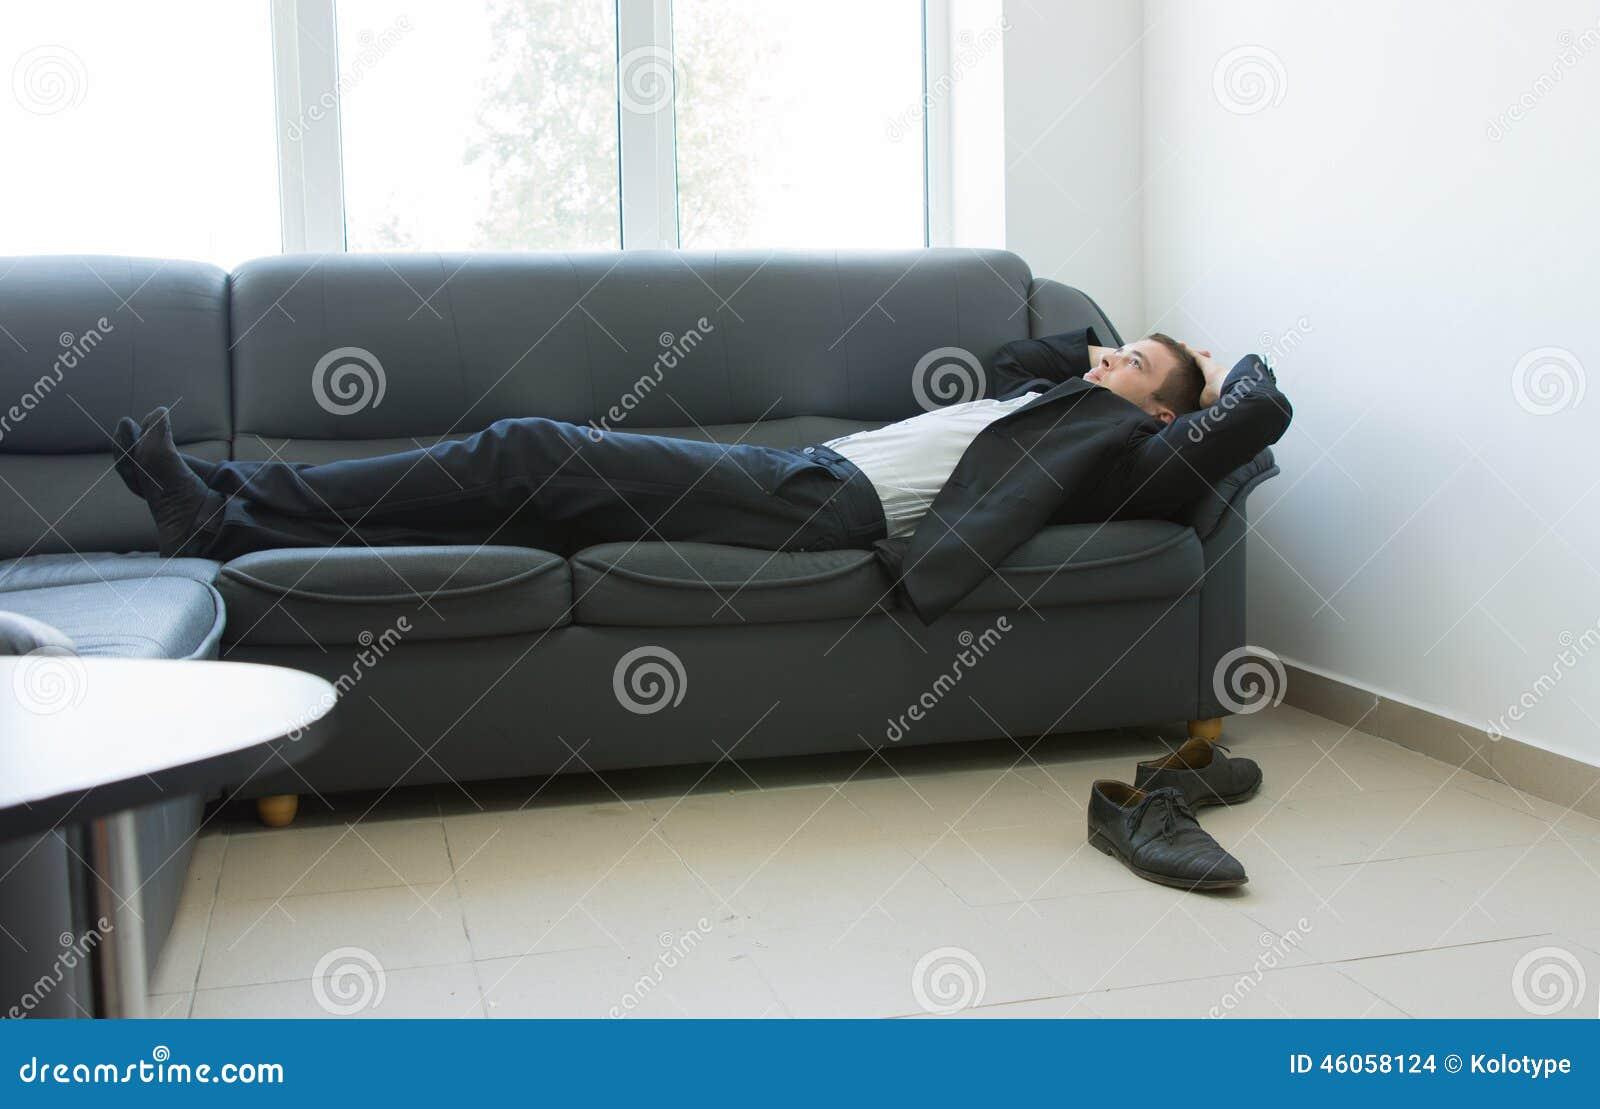 Junger Buro Mann Der Auf Couch Wahrend Des Bruches Liegt Stockfoto